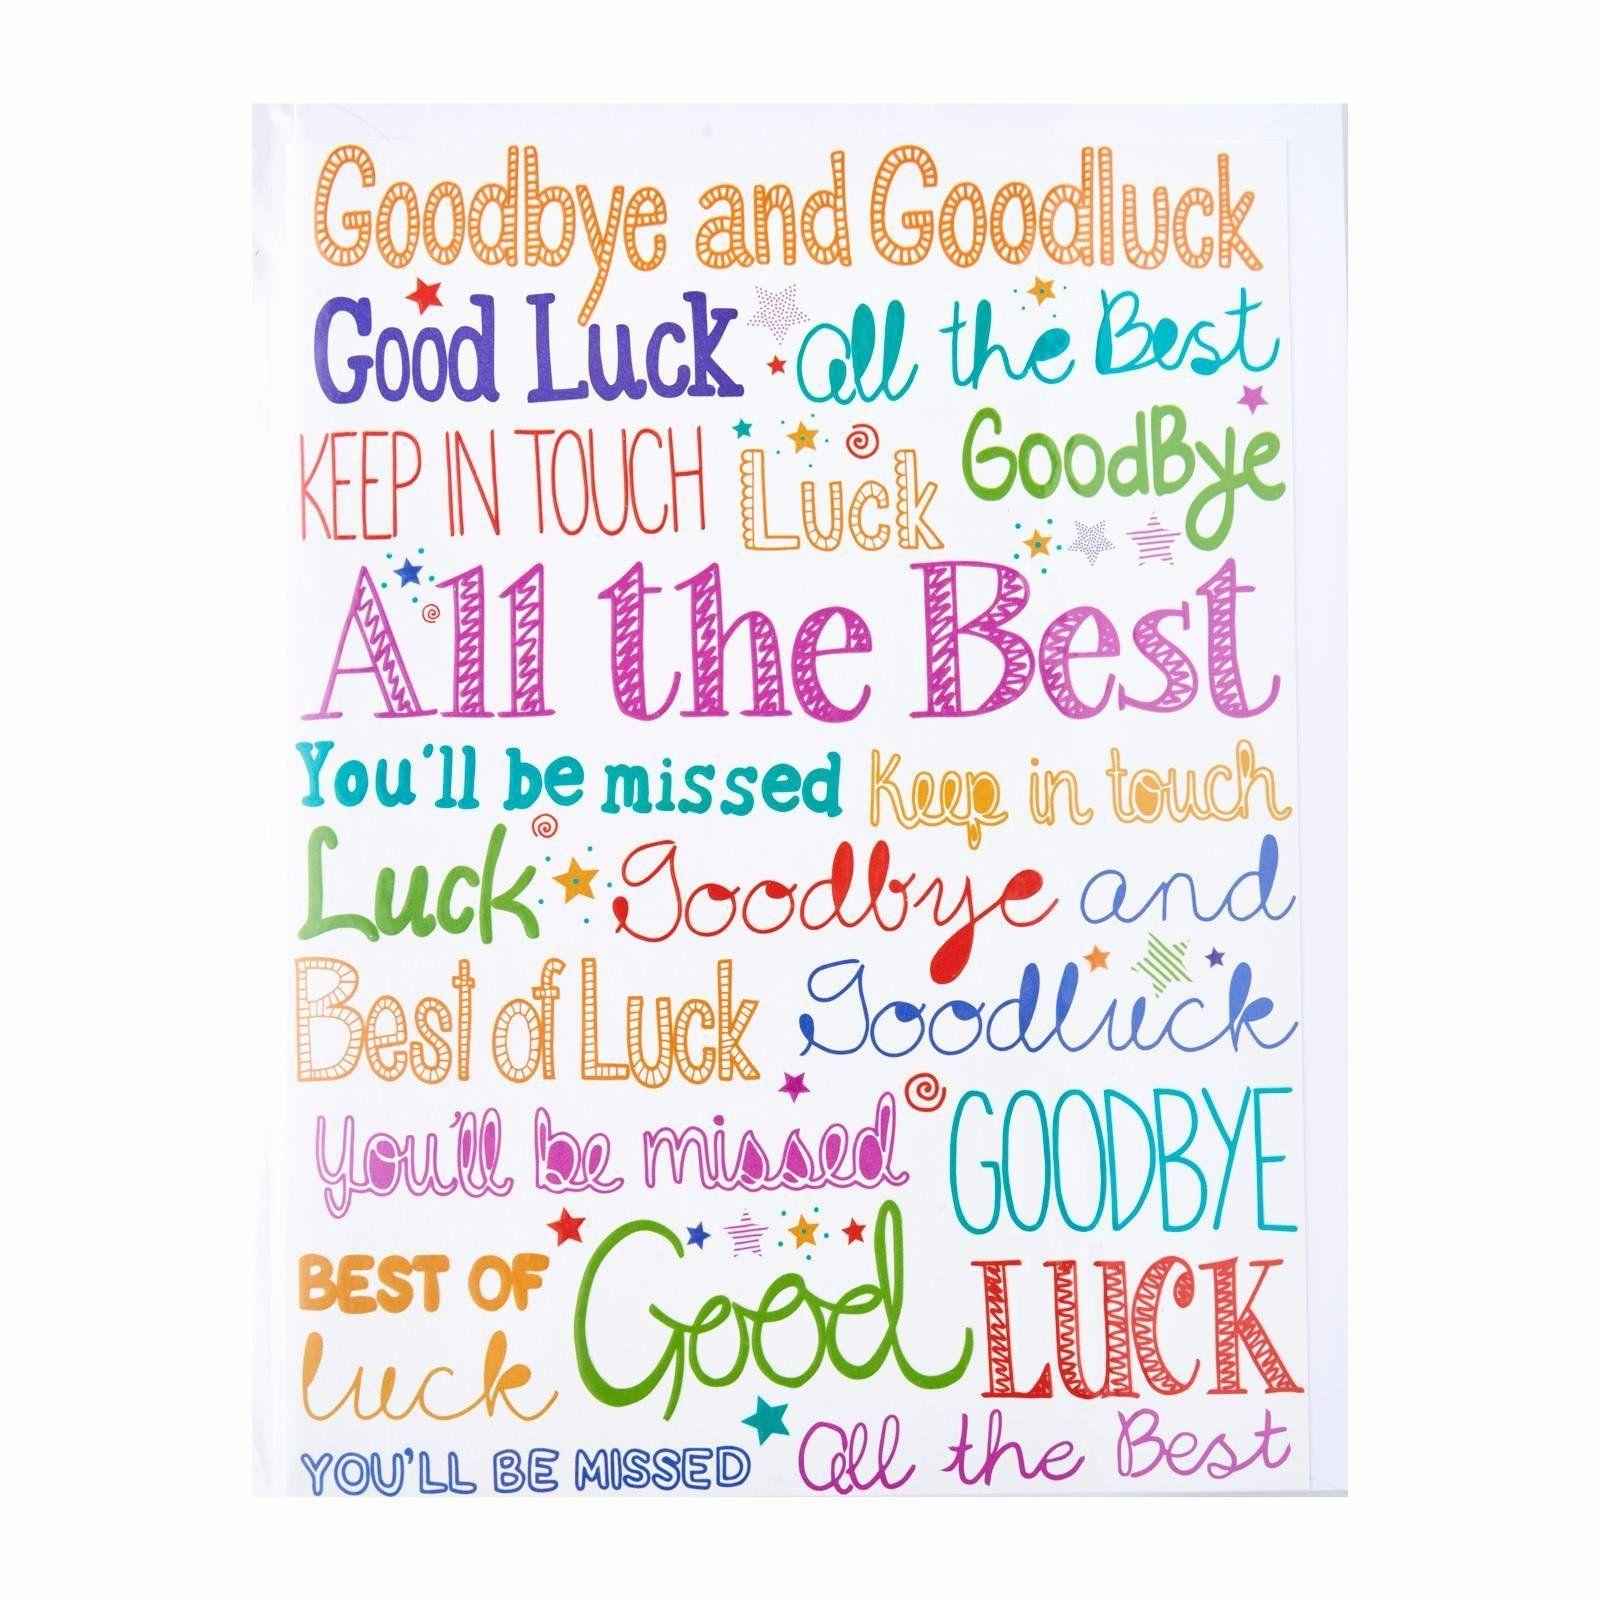 Good Luck Card Inspirational Good Luck Card Goodbye Good Luck Jerusalem House Good Luck Cards Goodbye And Good Luck Good Luck